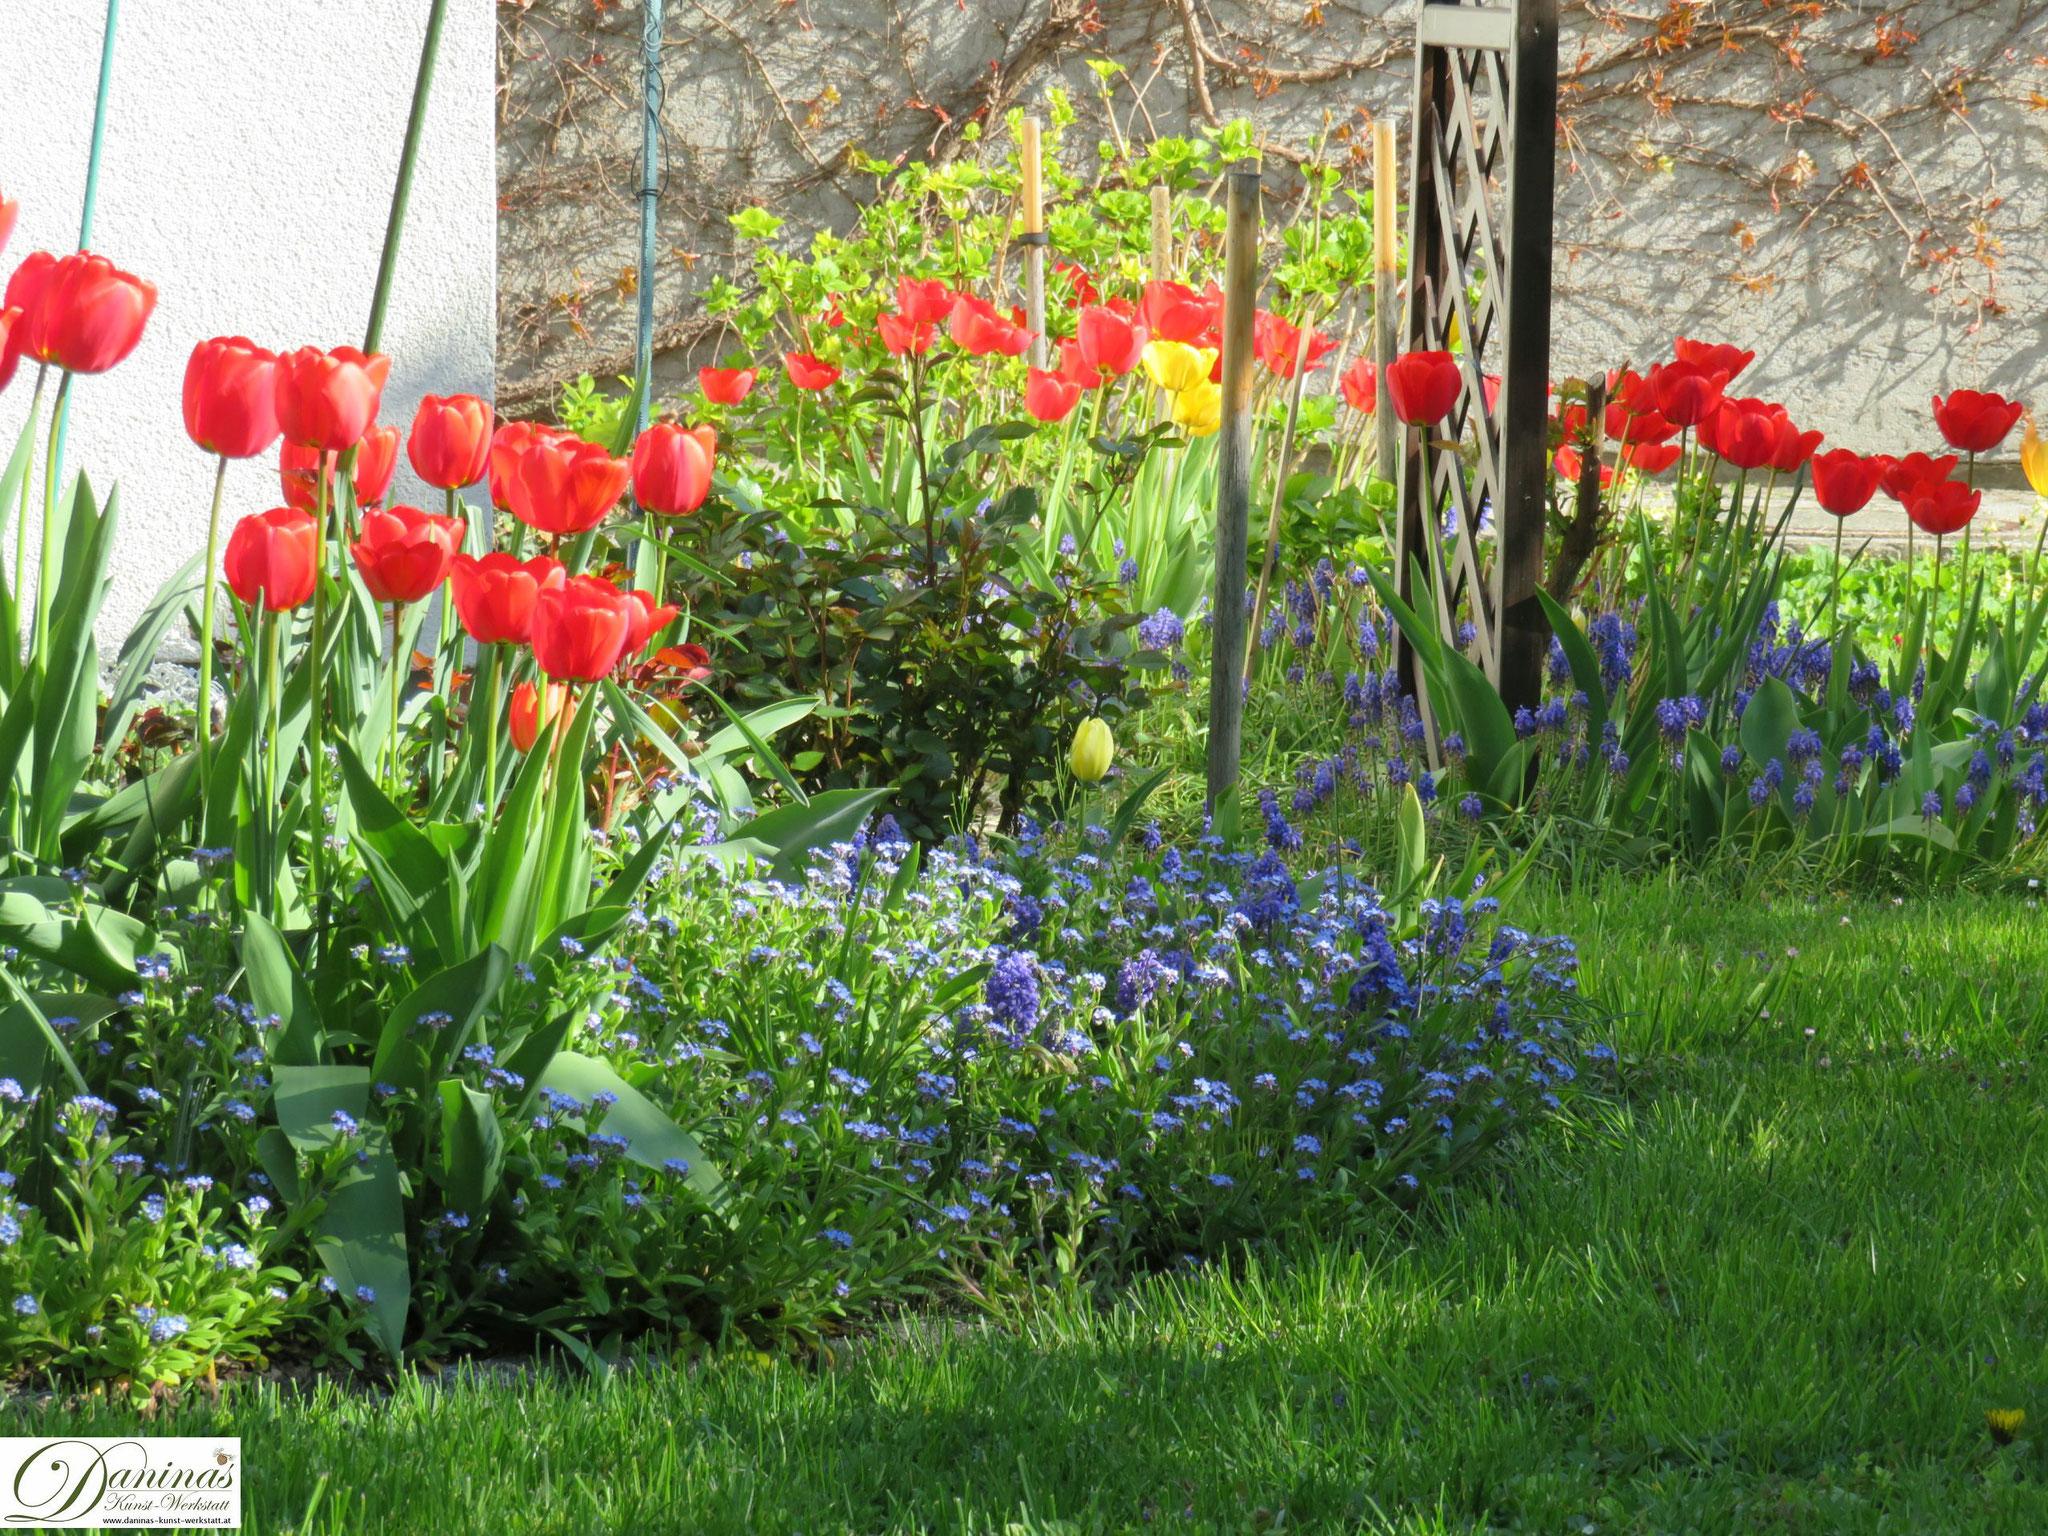 Garten im Frühling - Frühlingsblumen im Beet. Tulpen, Traubenhyazinthen & Vergissmeinnicht